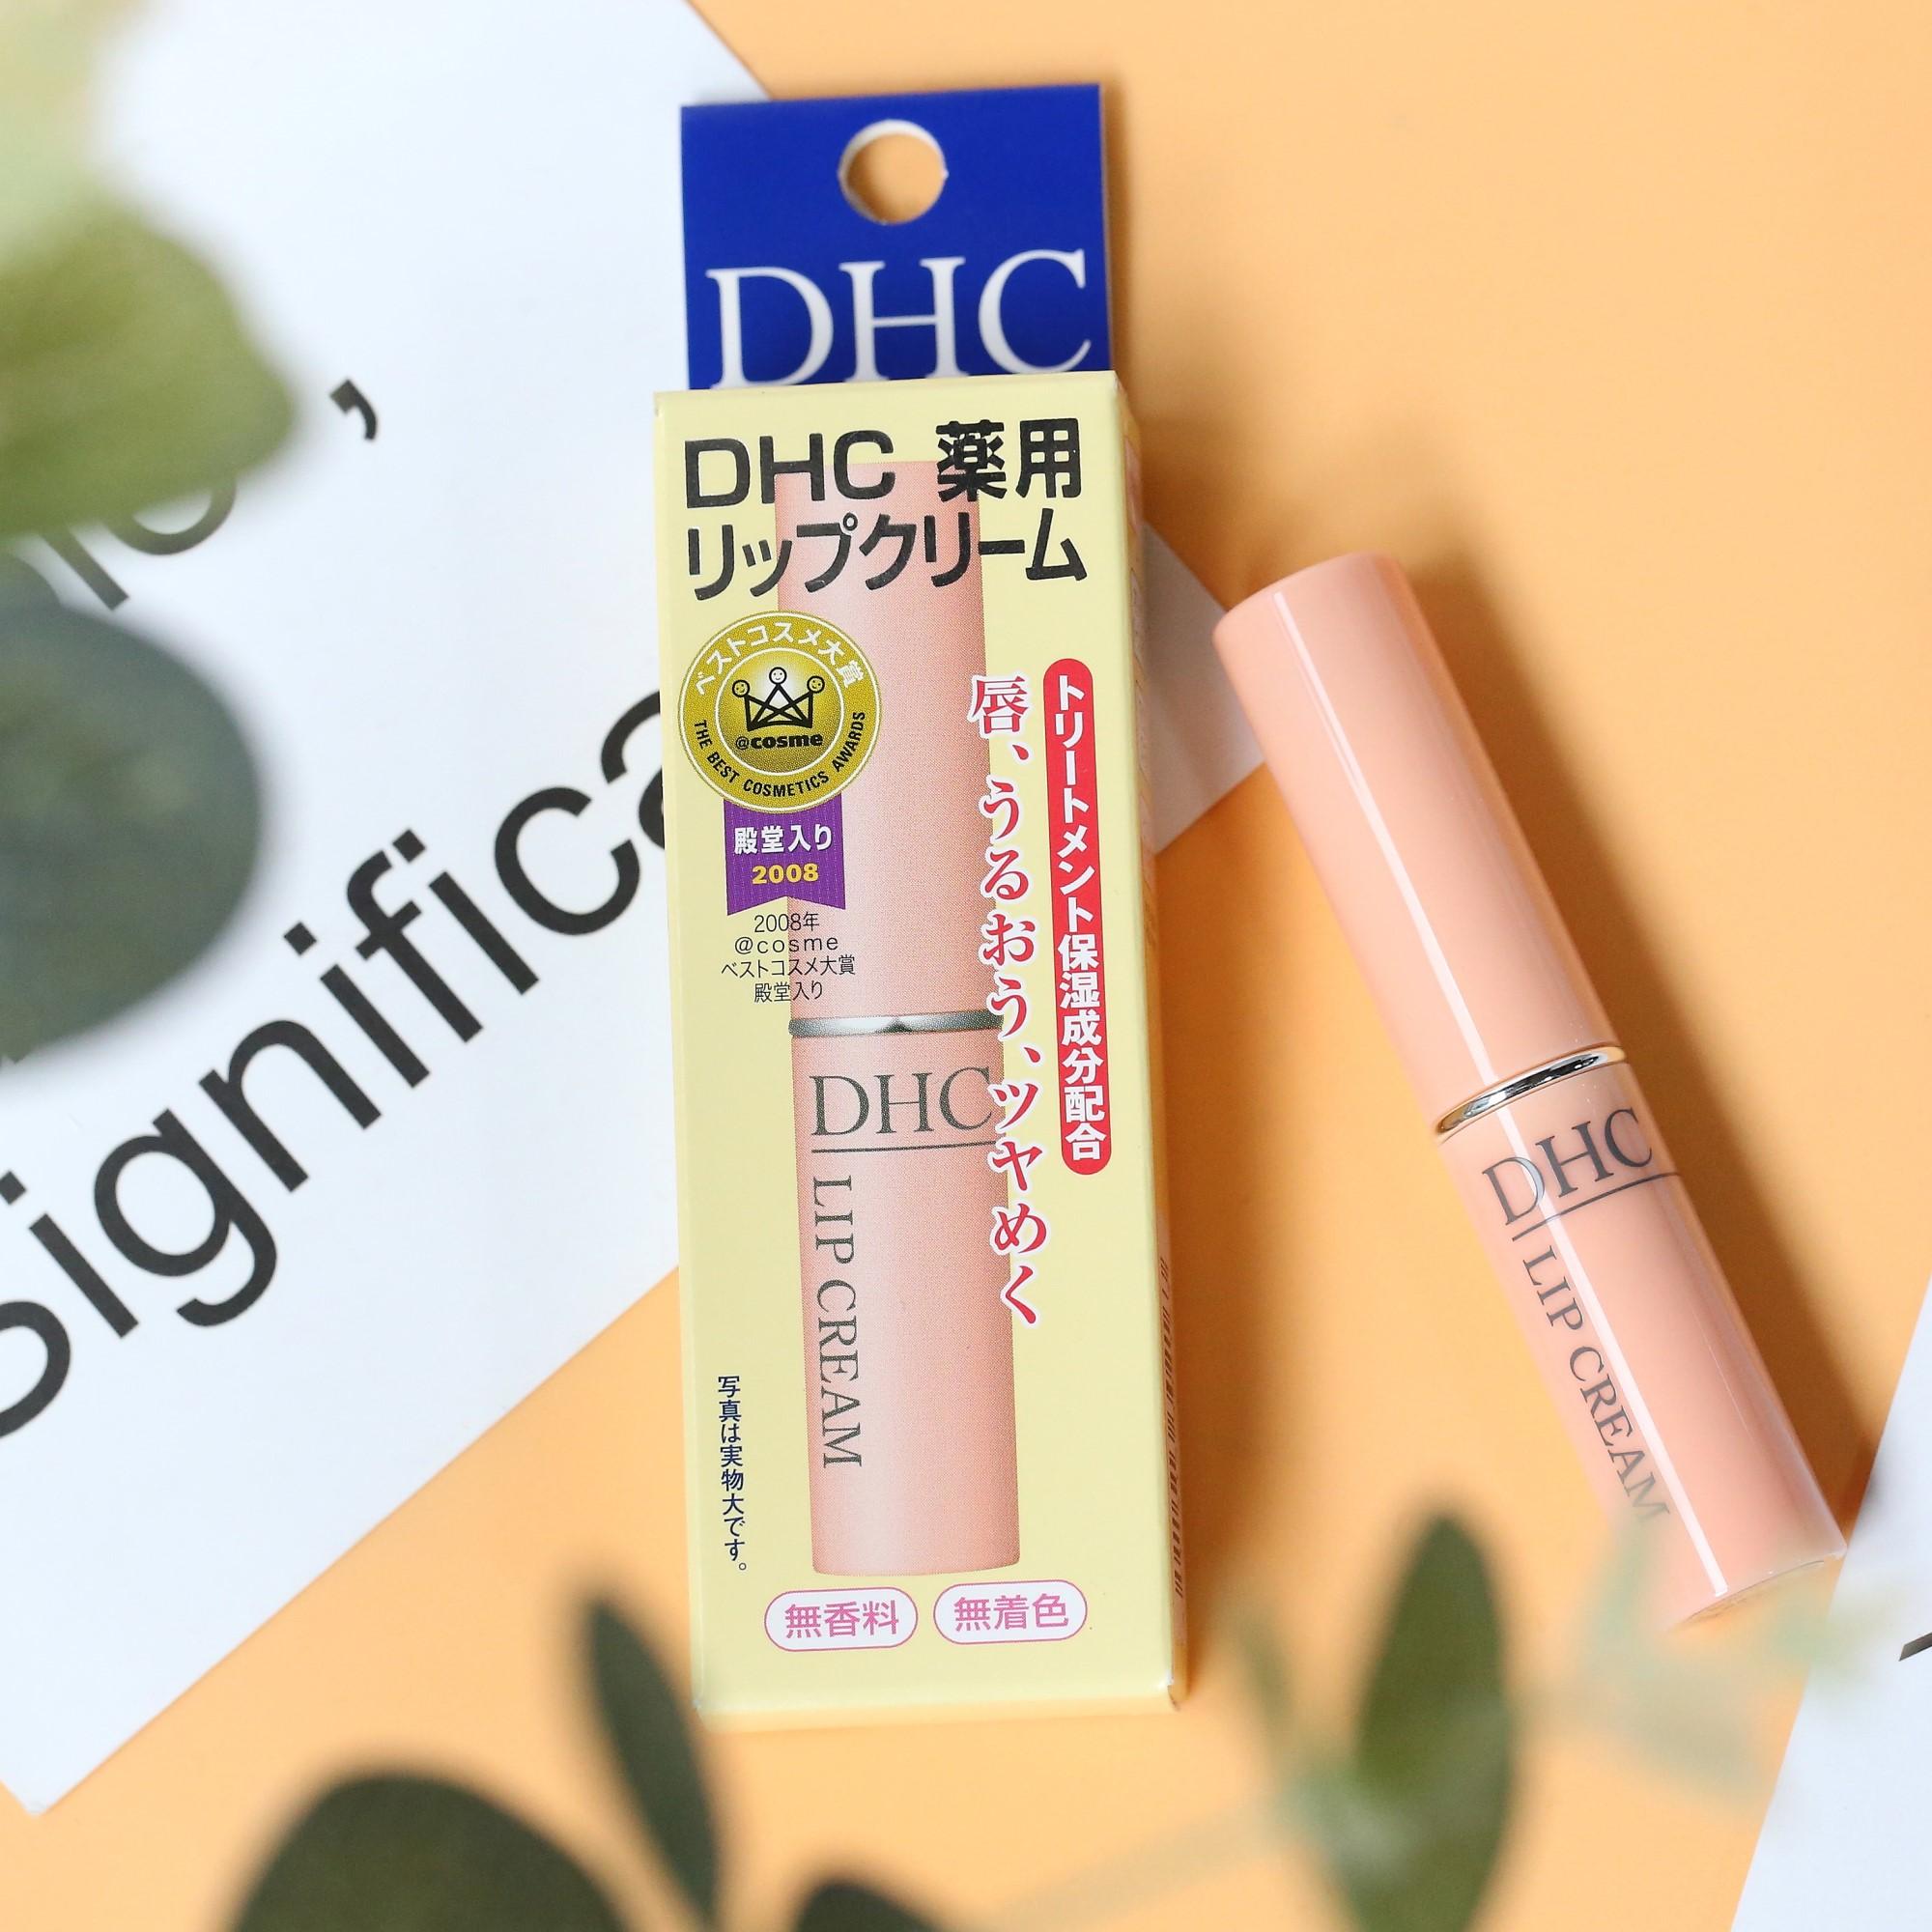 日本DHC润唇膏限定橄榄油护唇膏保湿滋润补水防干裂男女学生正品图片